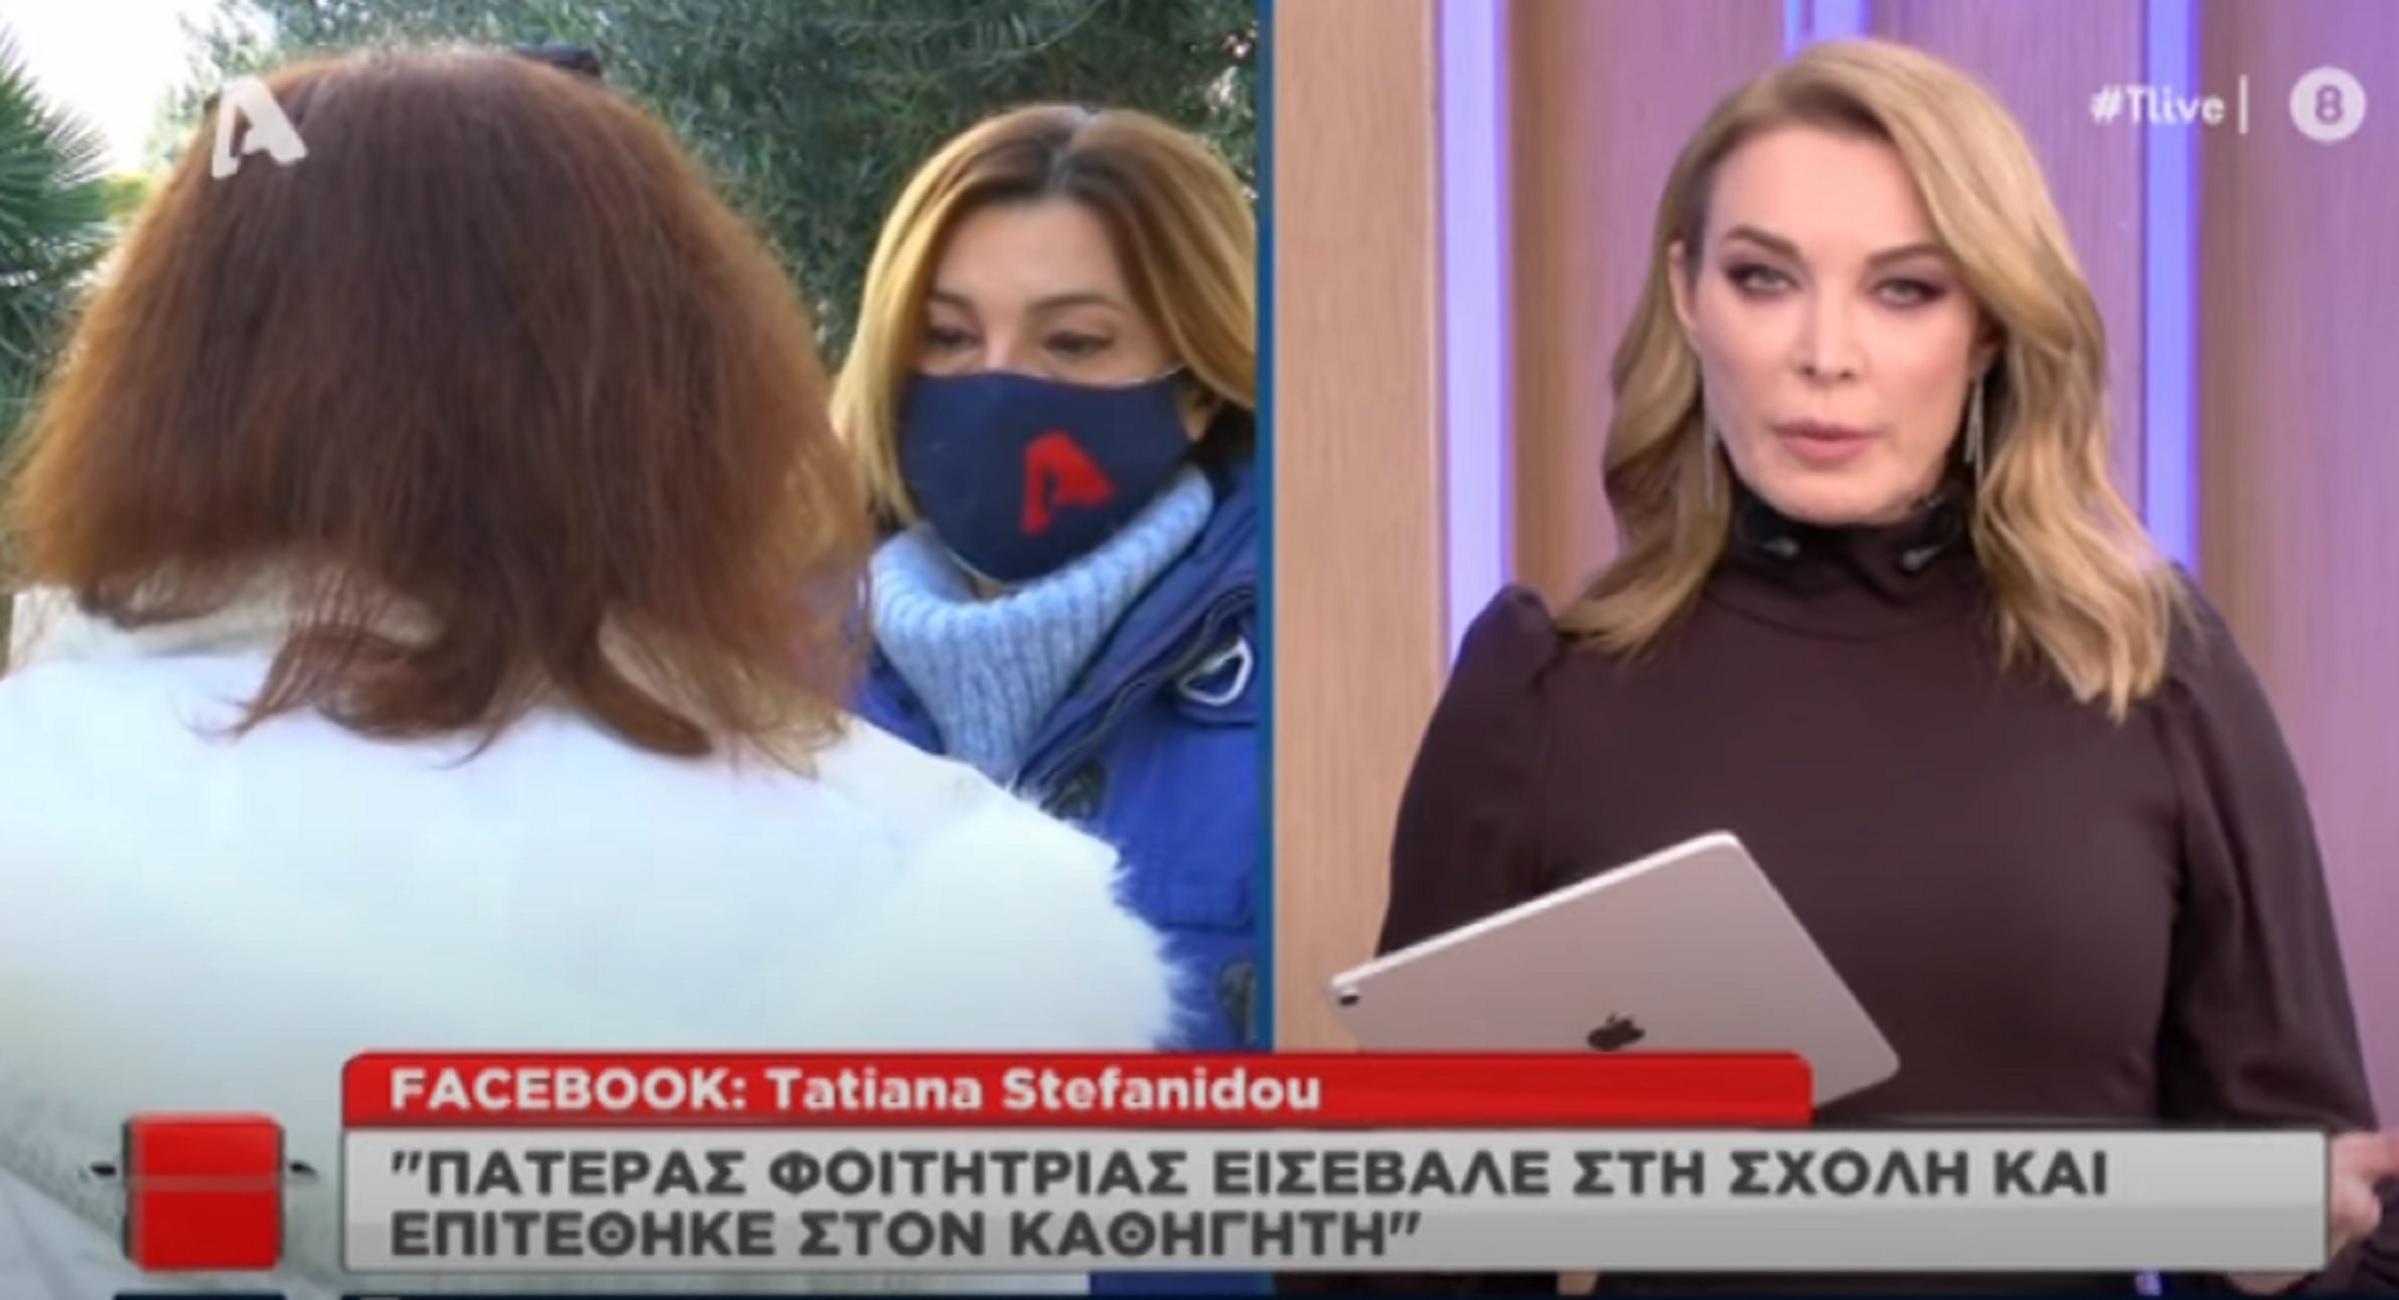 Θεσσαλονίκη: Η φοιτήτρια που έκανε την πρώτη καταγγελία για σεξουαλική παρενόχληση απαντά στον καθηγητή του ΑΠΘ που αρνείται τα πάντα (video)